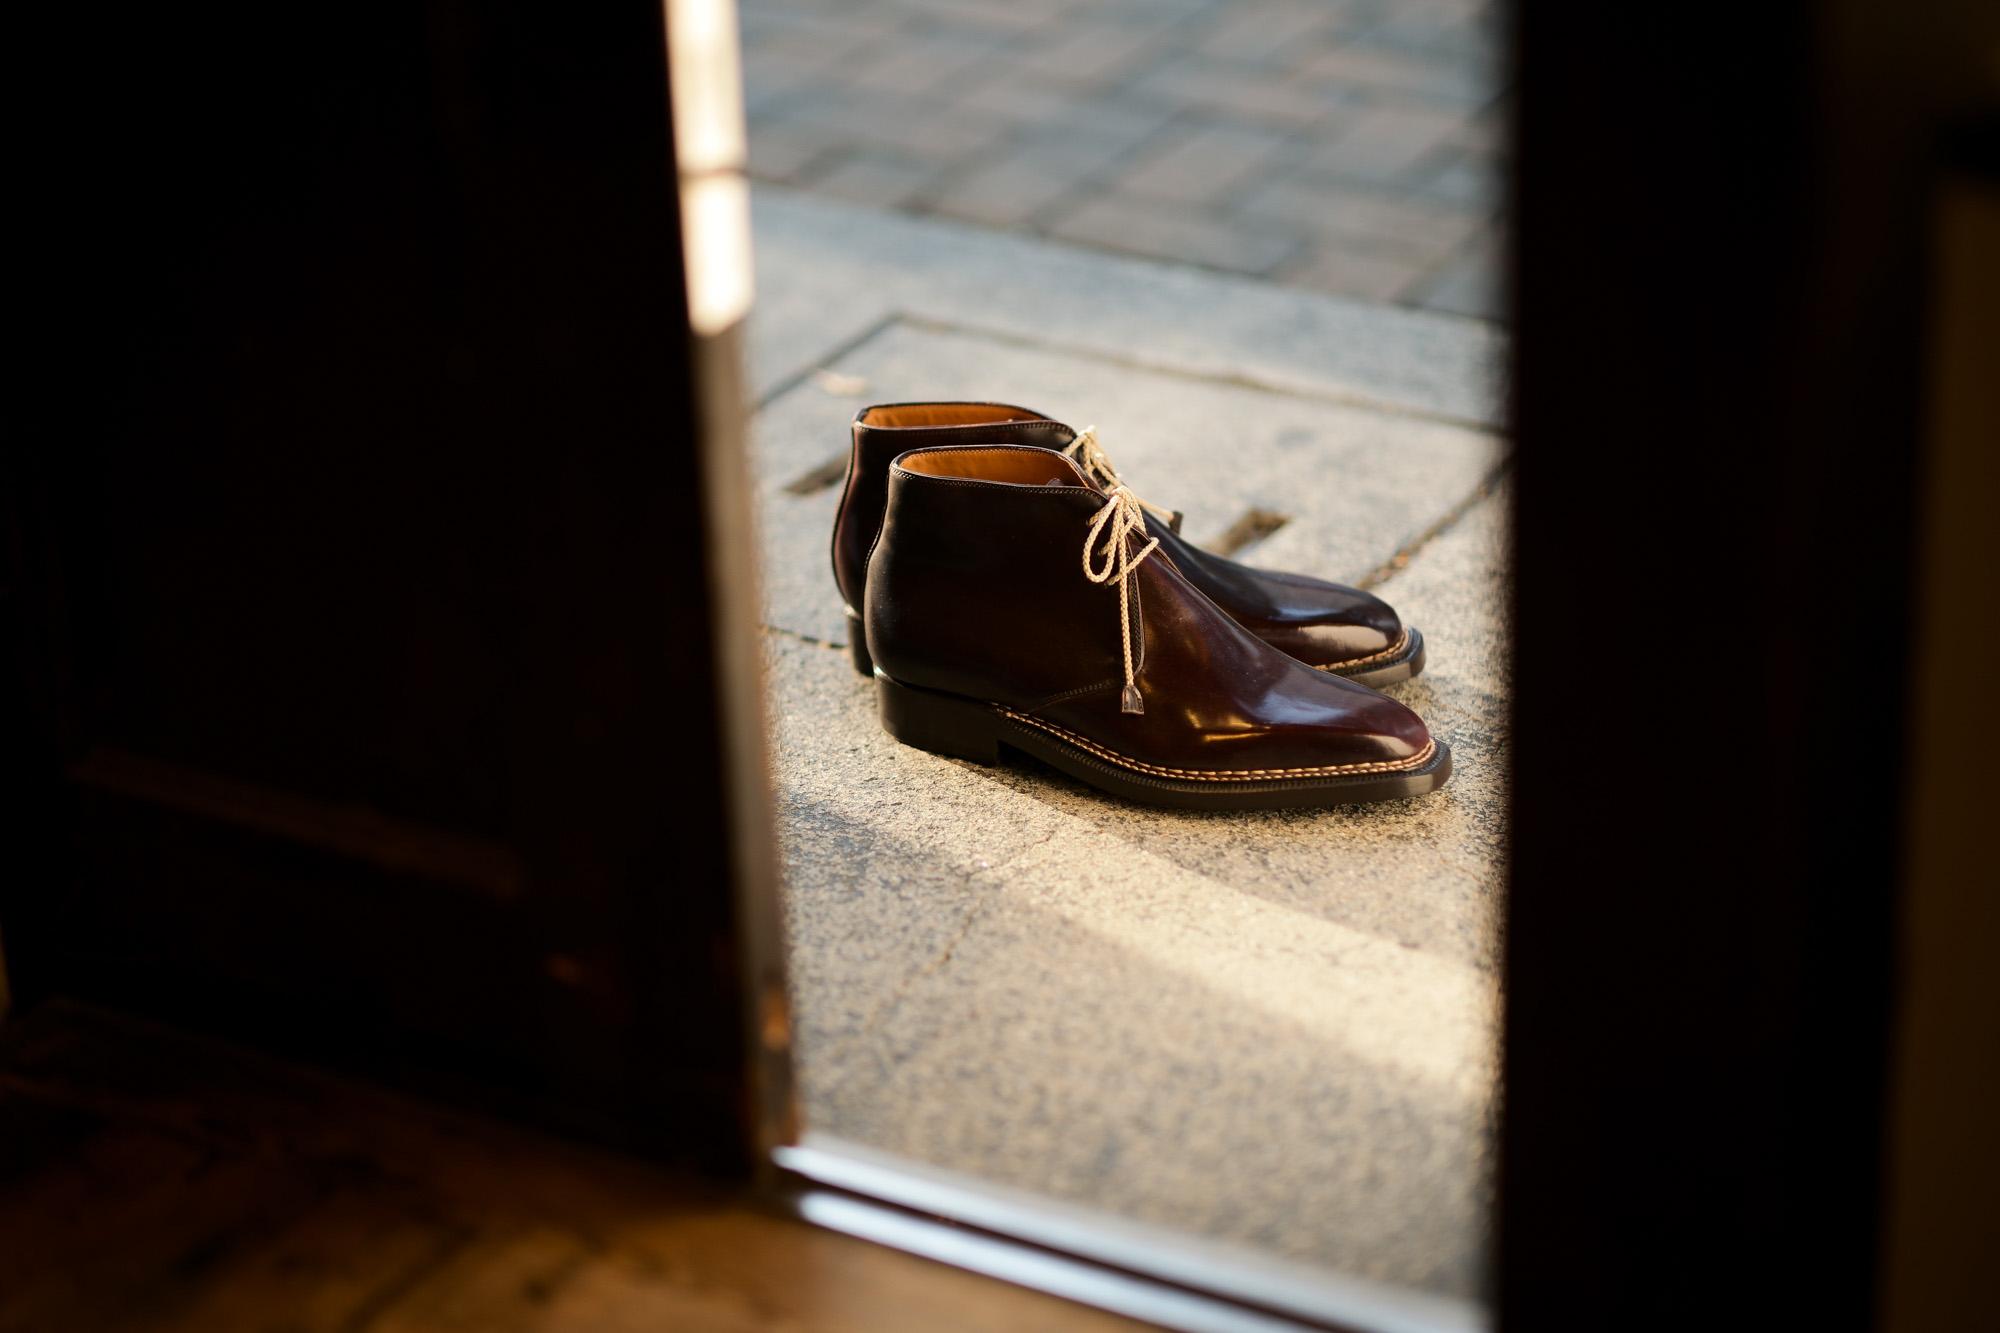 ENZO BONAFE(エンツォボナフェ) ART.3722 Chukka boots チャッカブーツ Horween Shell Cordovan Leather ホーウィン社 シェルコードバンレザー ノルベジェーゼ製法 チャッカブーツ コードバンブーツ No.8(バーガンディー)  made in italy (イタリア製) 2019 春夏 愛知 名古屋 Alto e Diritto アルト エ デリット エンツォボナフェ コードバン チャッカ 5.5,6,6.5,7,7.5,8,8.5,9,9.5